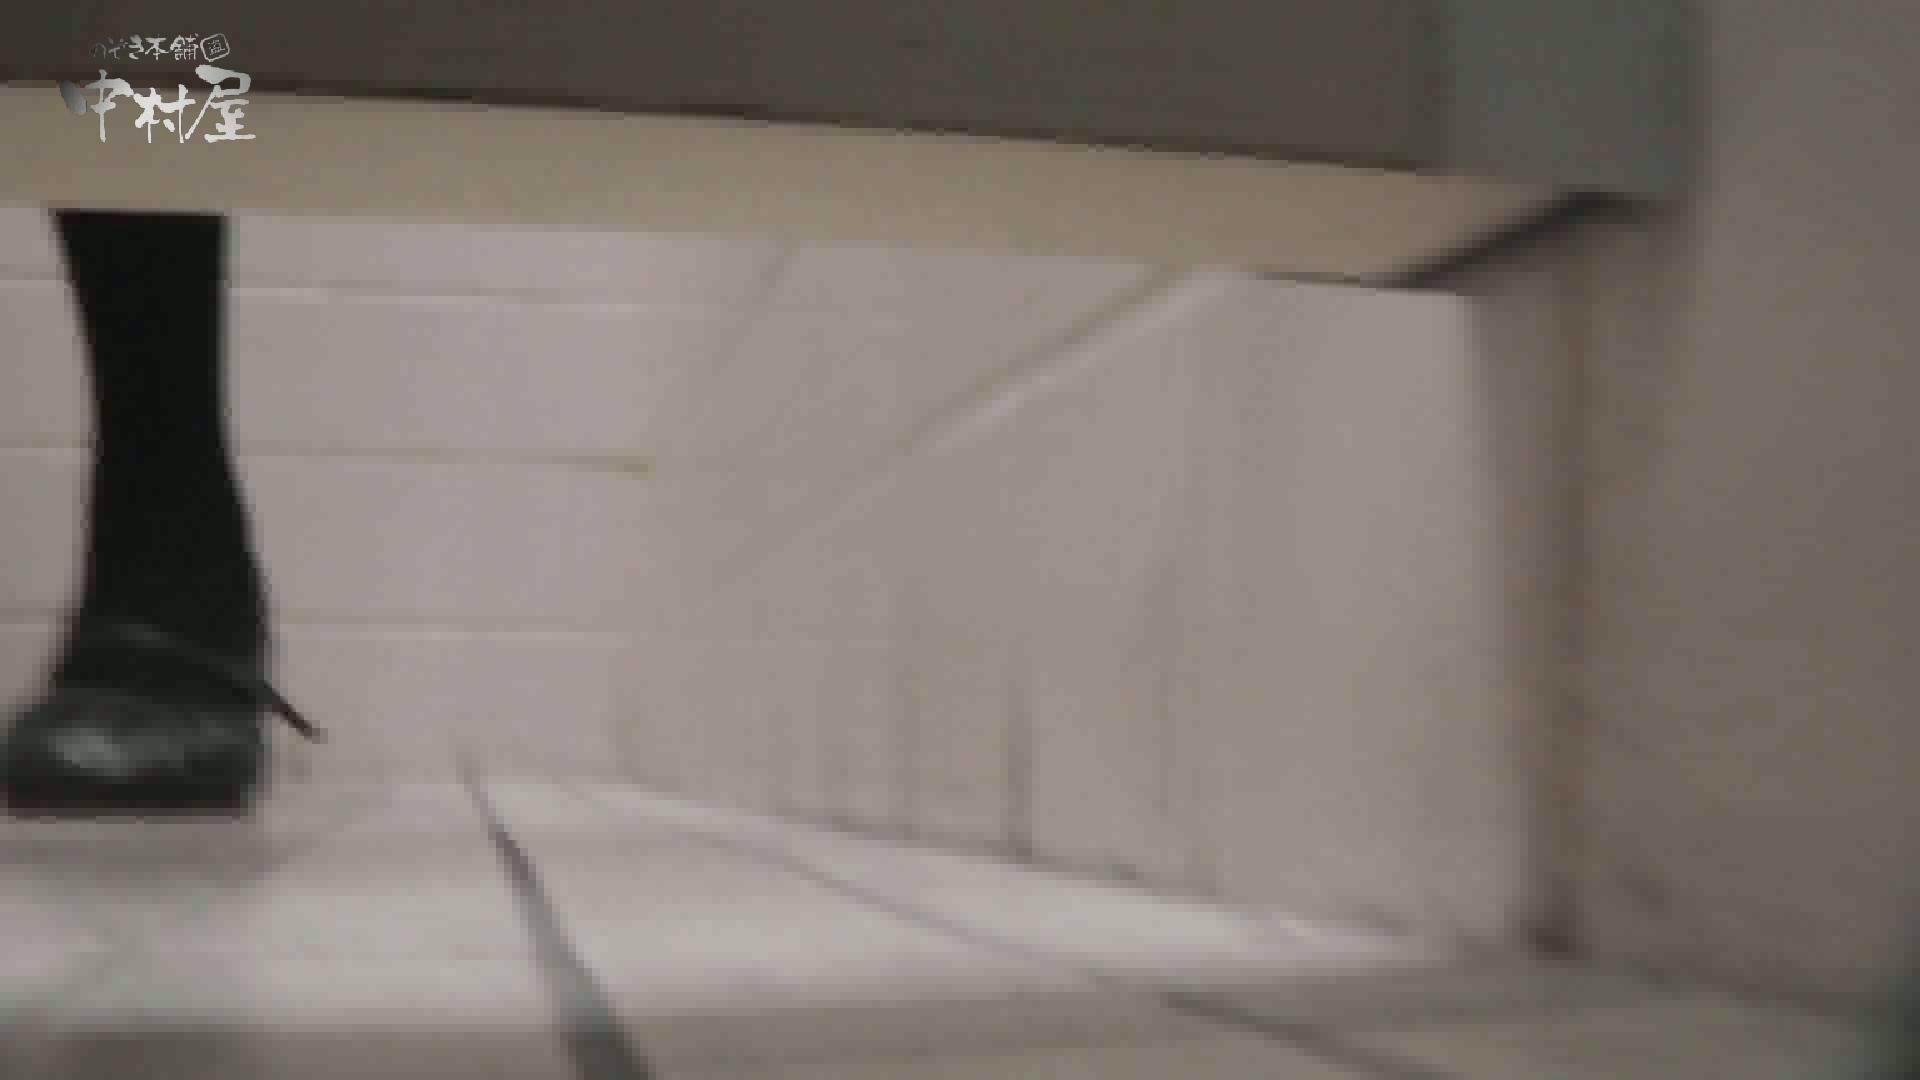 洗面所突入レポート!!vol.25 トイレ突入 ワレメ無修正動画無料 83pic 65